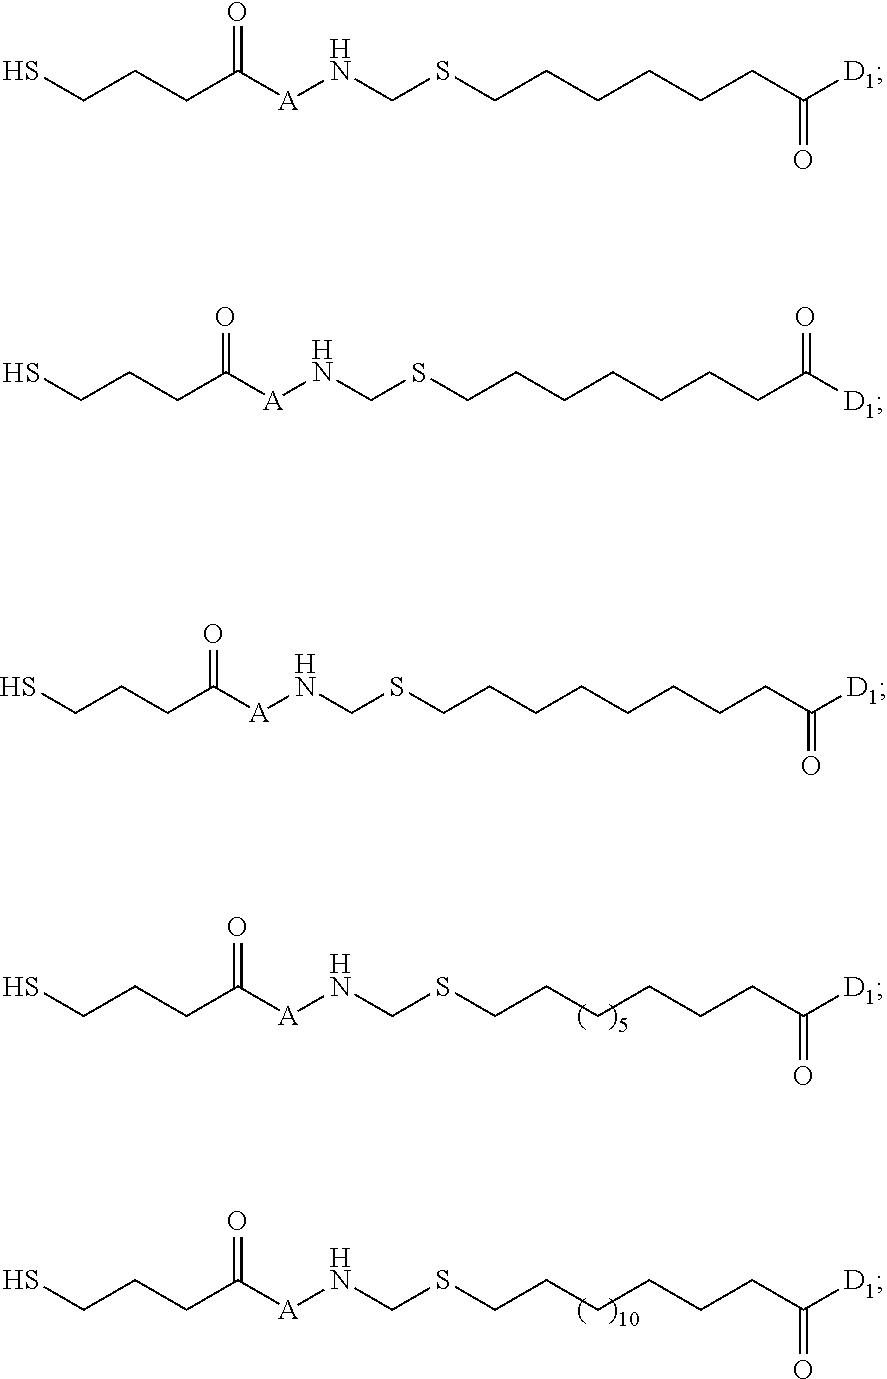 Figure US20180296694A1-20181018-C00079